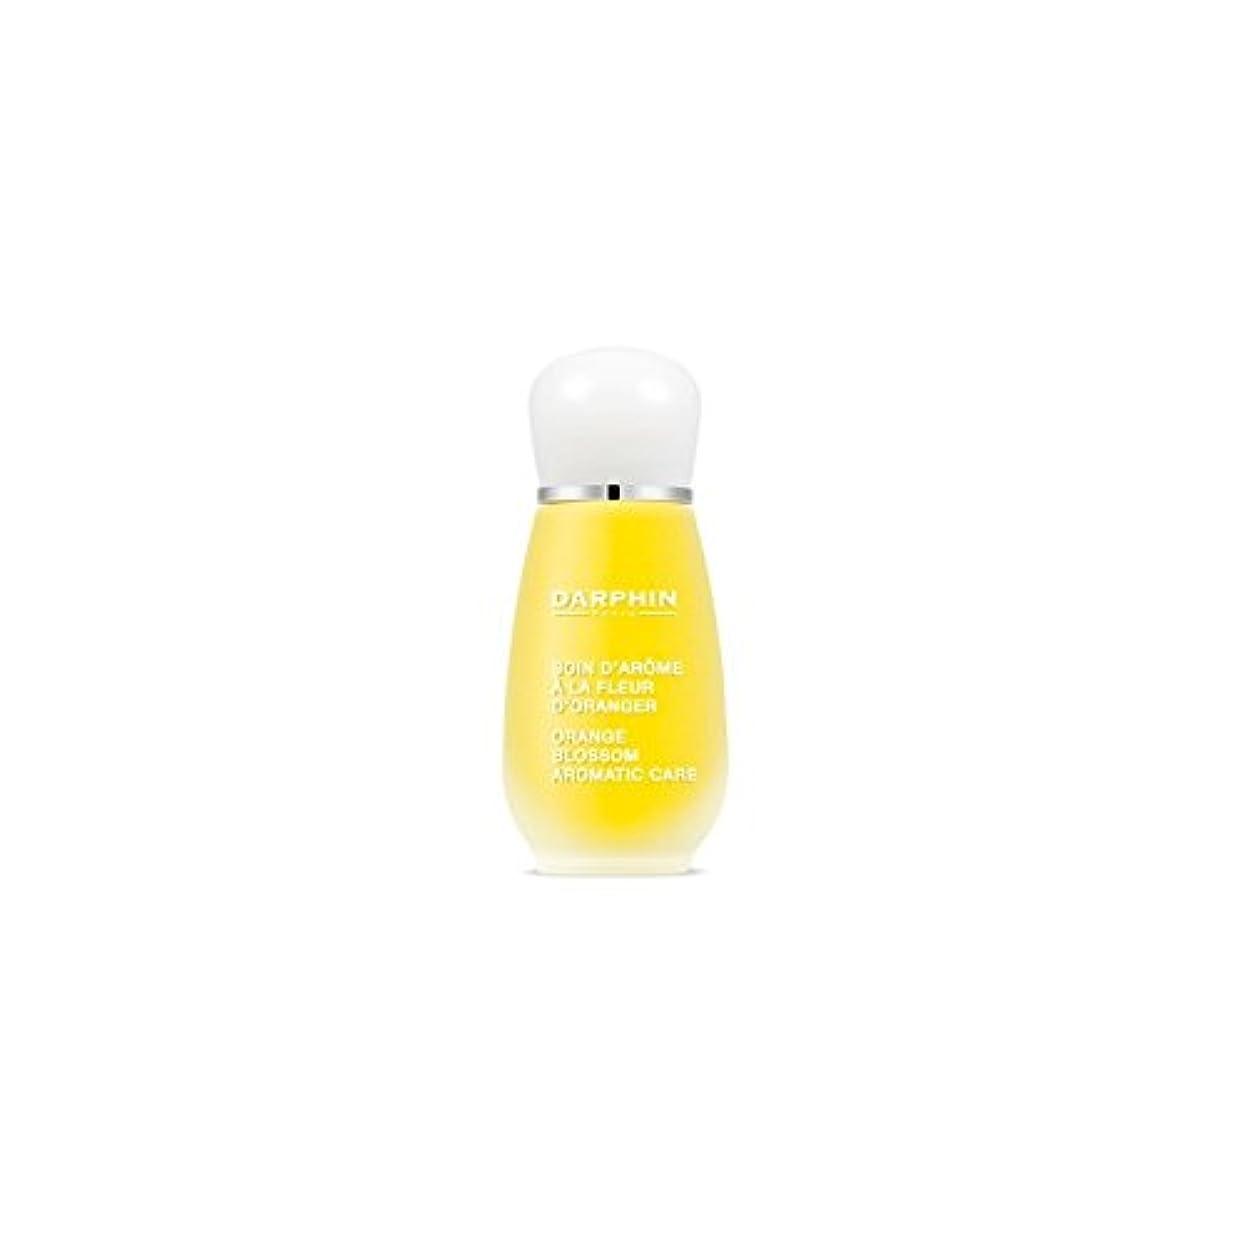 模索プロットレビューダルファンオレンジの花の芳香ケア(15ミリリットル) x4 - Darphin Orange Blossom Aromatic Care (15ml) (Pack of 4) [並行輸入品]